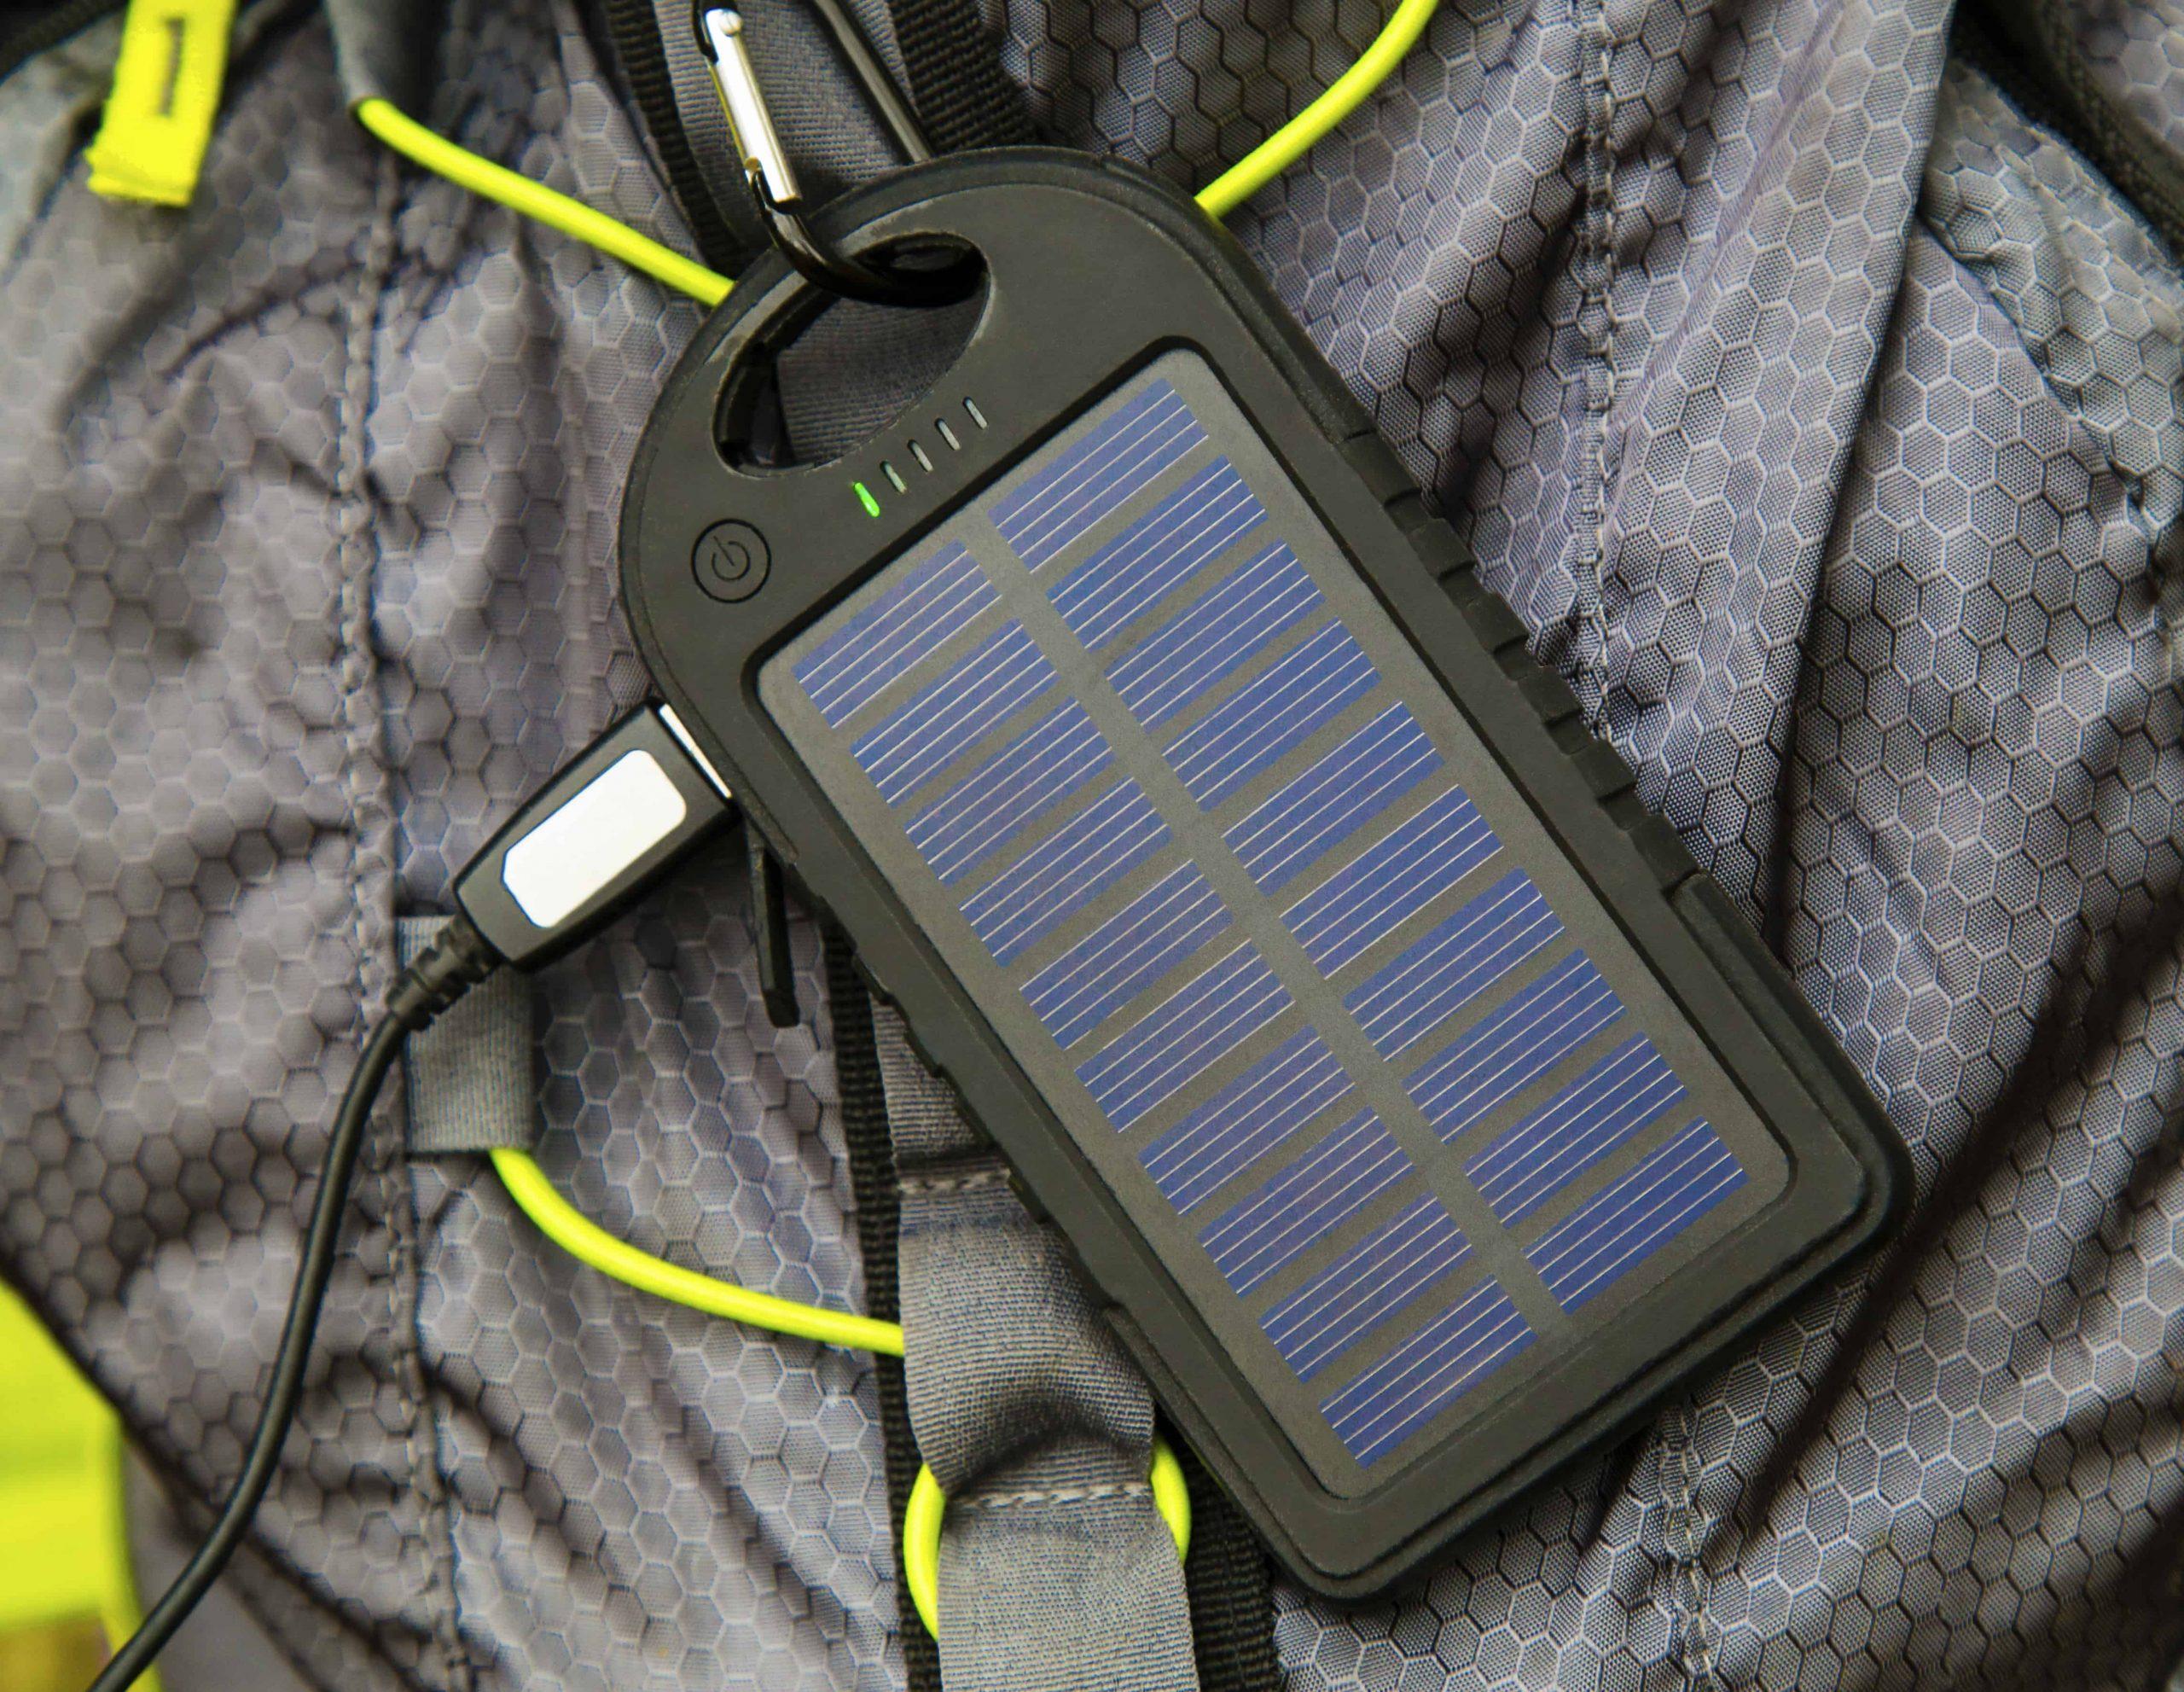 Miglior power bank solare 2020: Guida all'acquisto